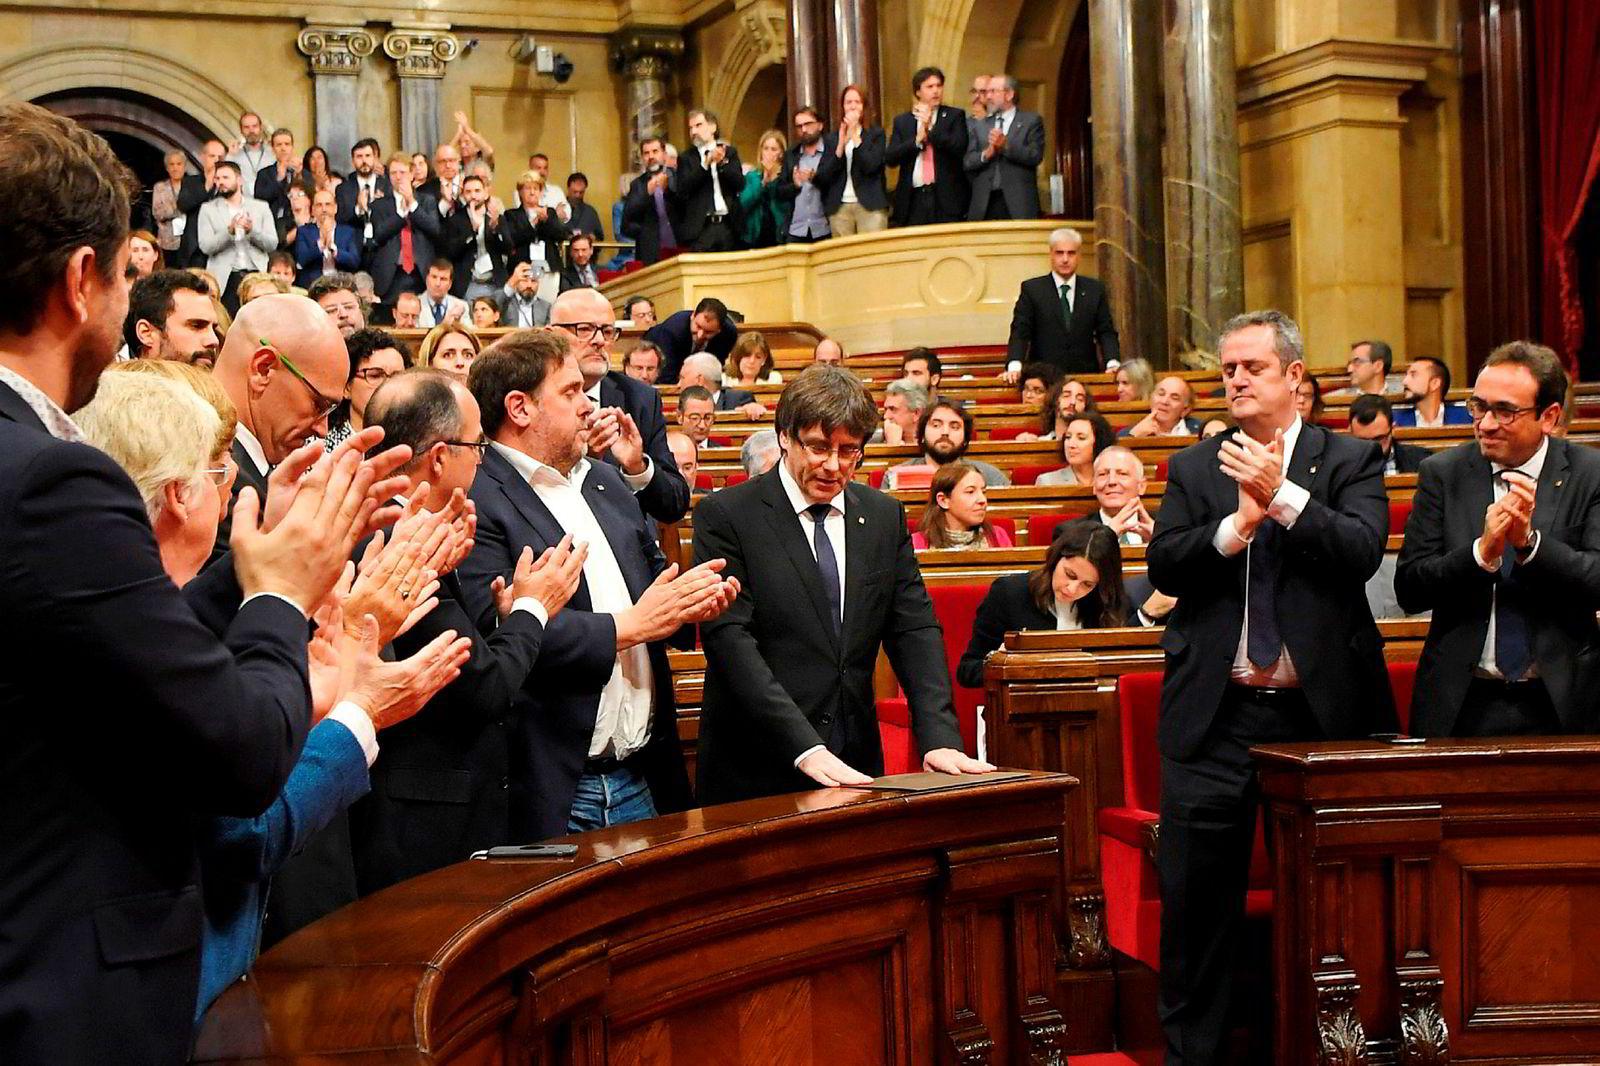 Presidenten for myndighetene i Catalonia, Carles Puigdemont, mottok applaus da han talte i regionsparlamentet tirsdag. Han aksepterte folkets mandat, men utsatte uavhengighetserklæringen for å få til en dialog med de nasjonale myndighetene.